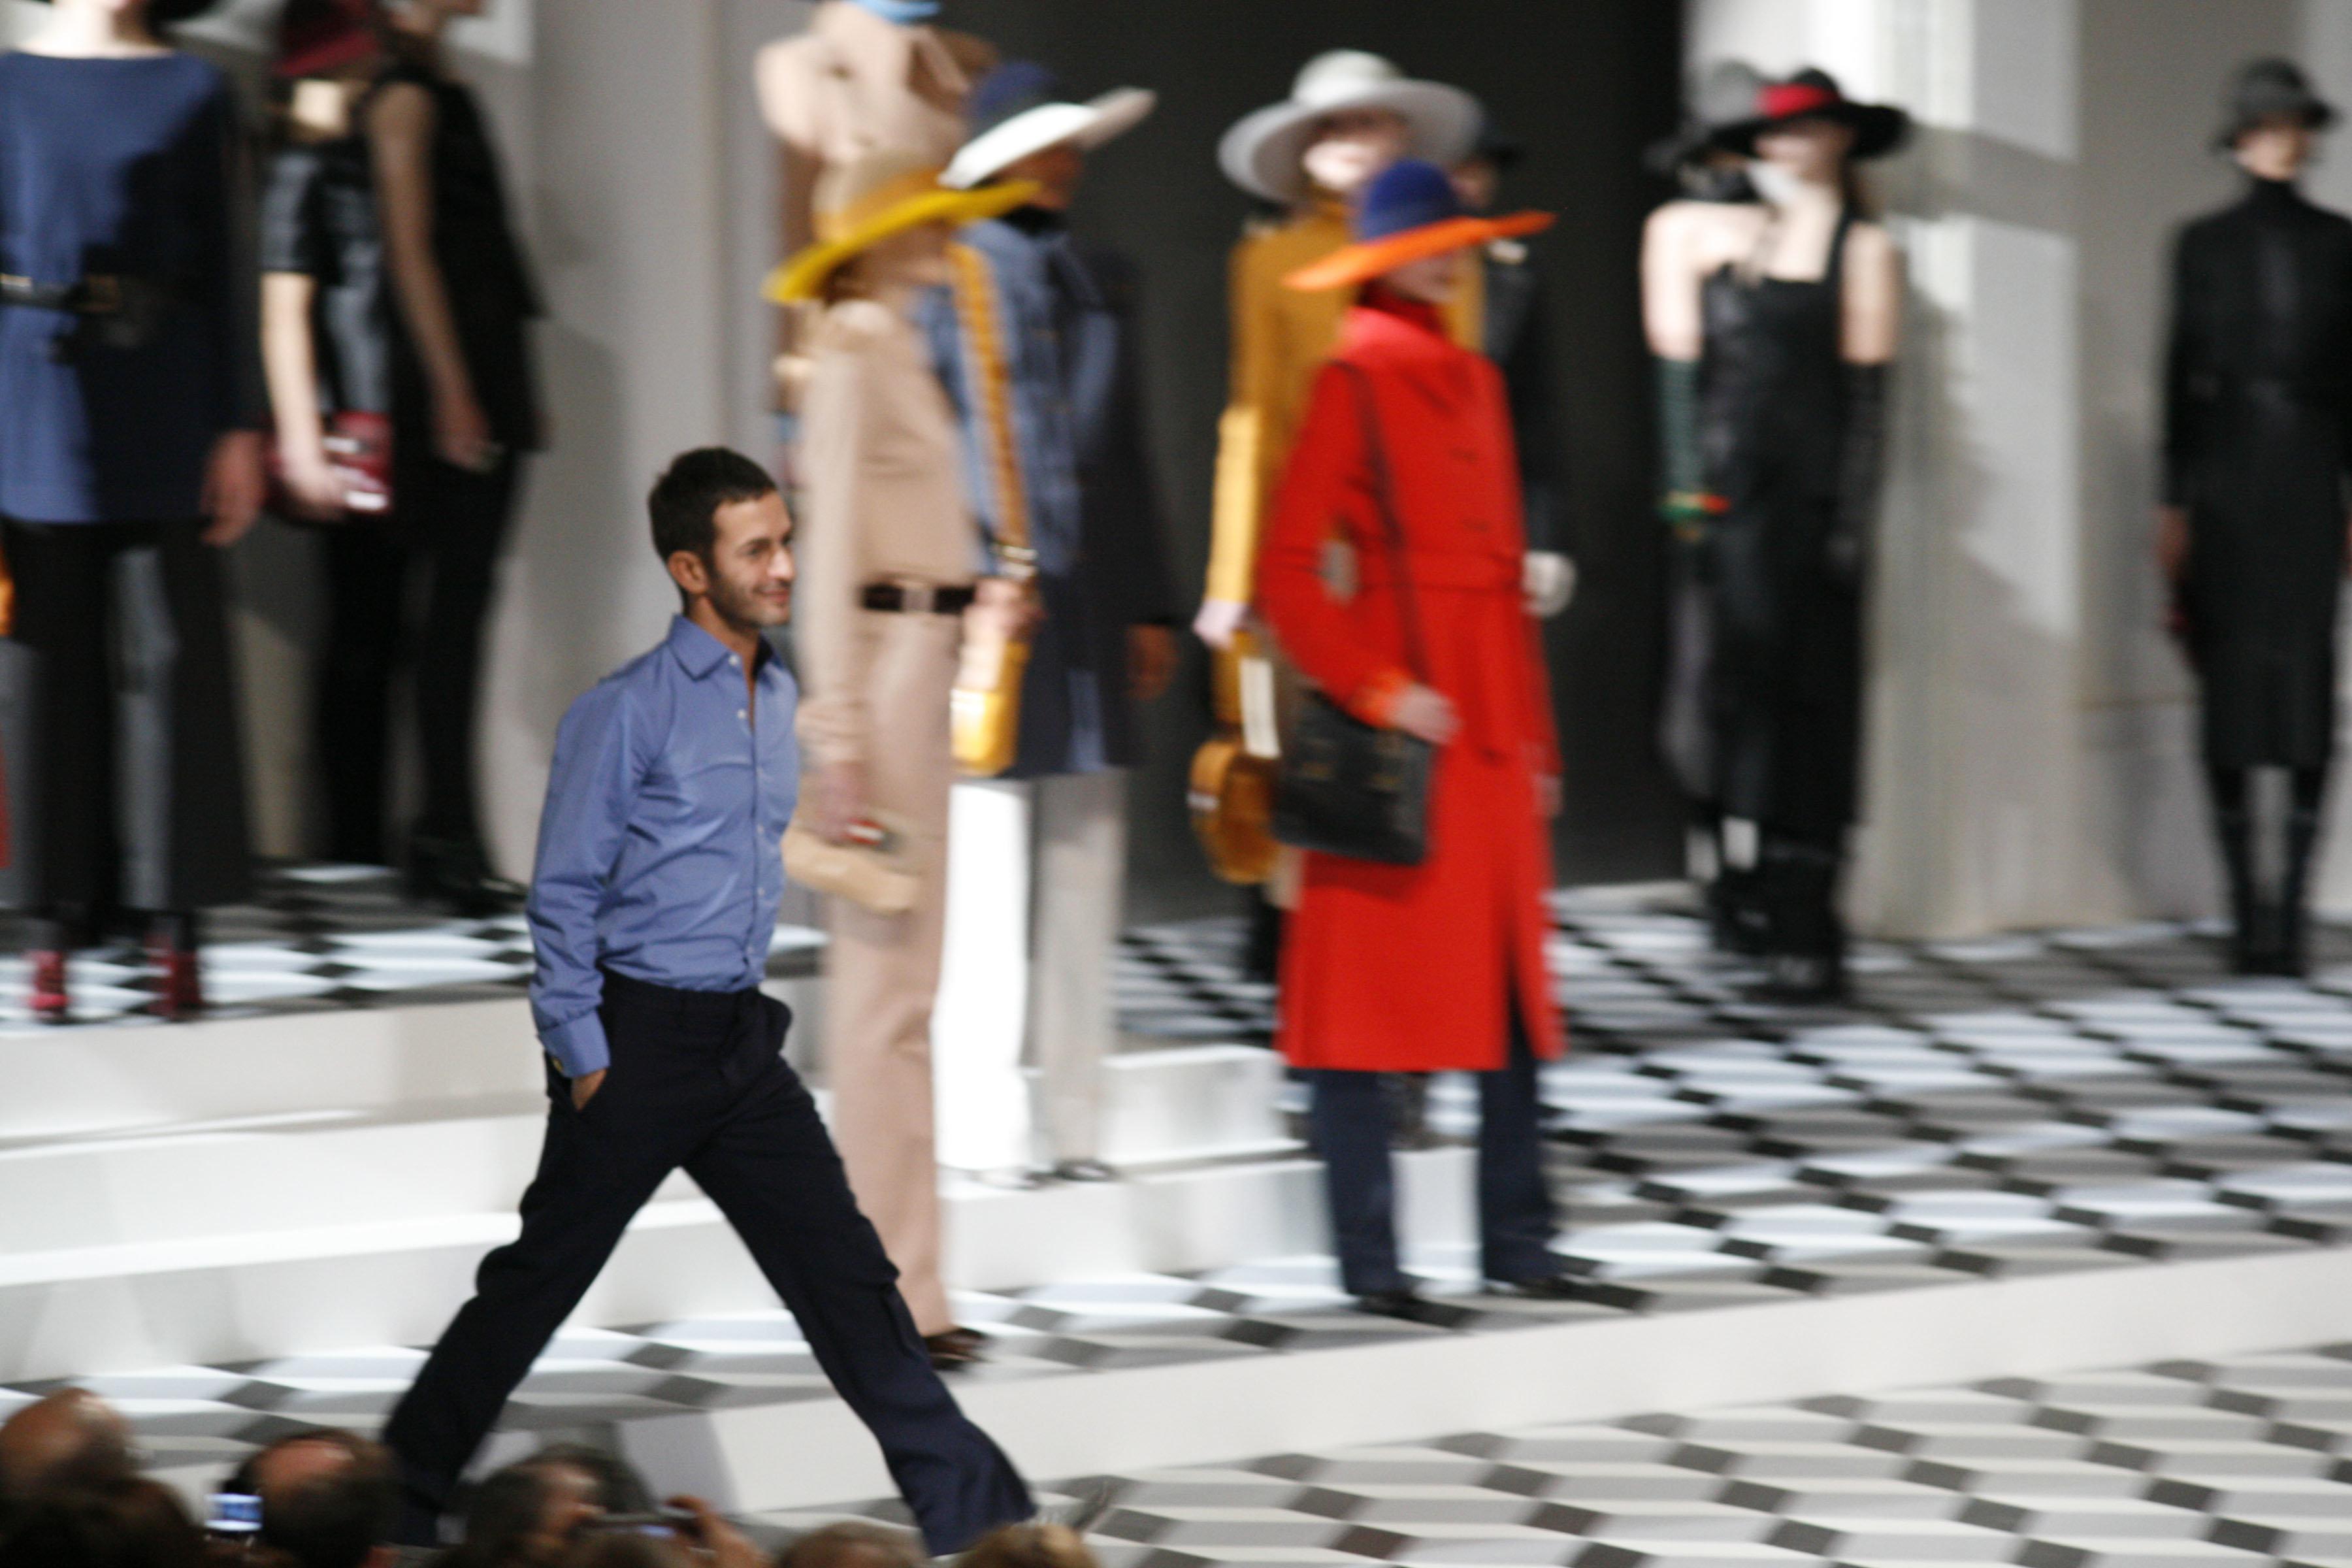 Δείτε πως είναι μια πρόταση γάμου με την υπογραφή του σχεδιαστή μόδας, Marc